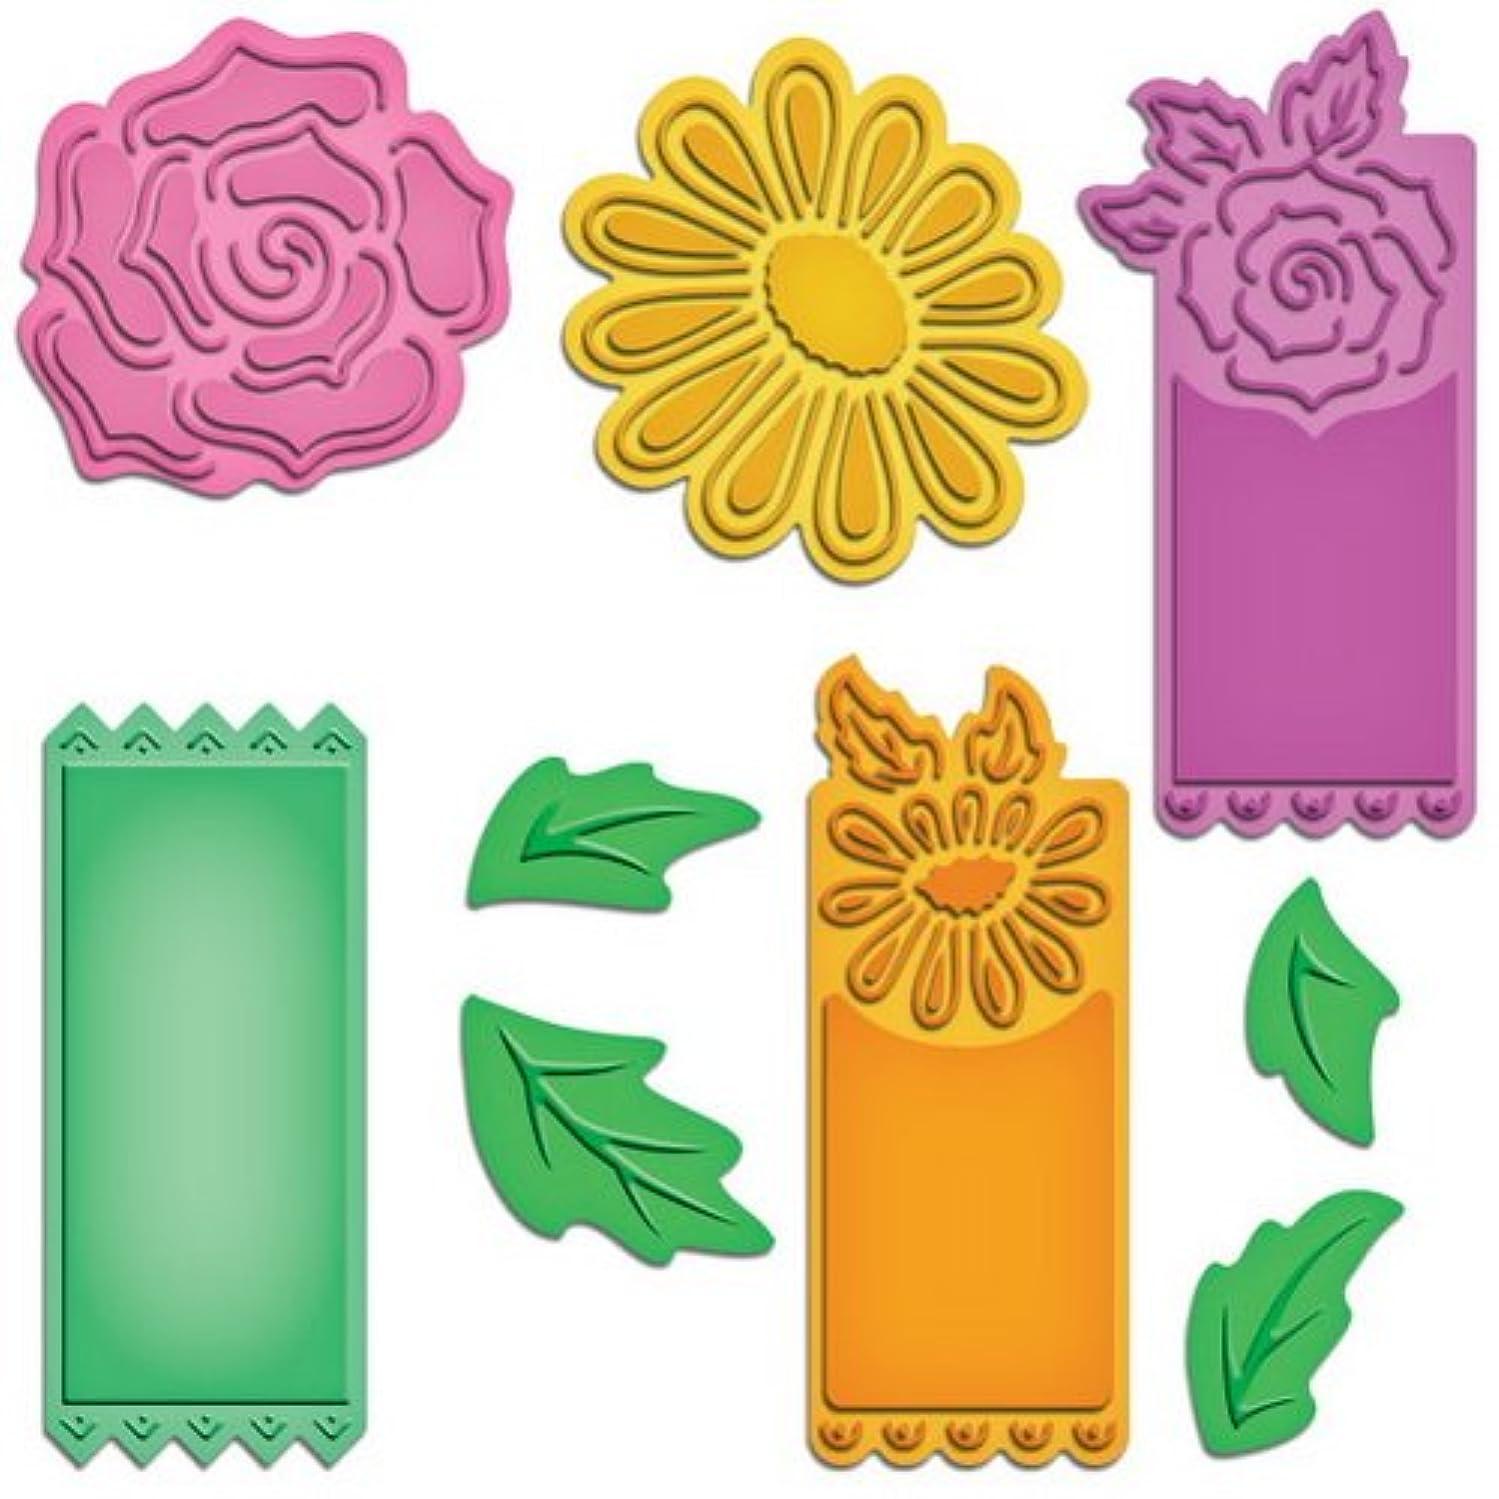 Spellbinders S5-105 Shapeabilities Floral Tags Die Templates